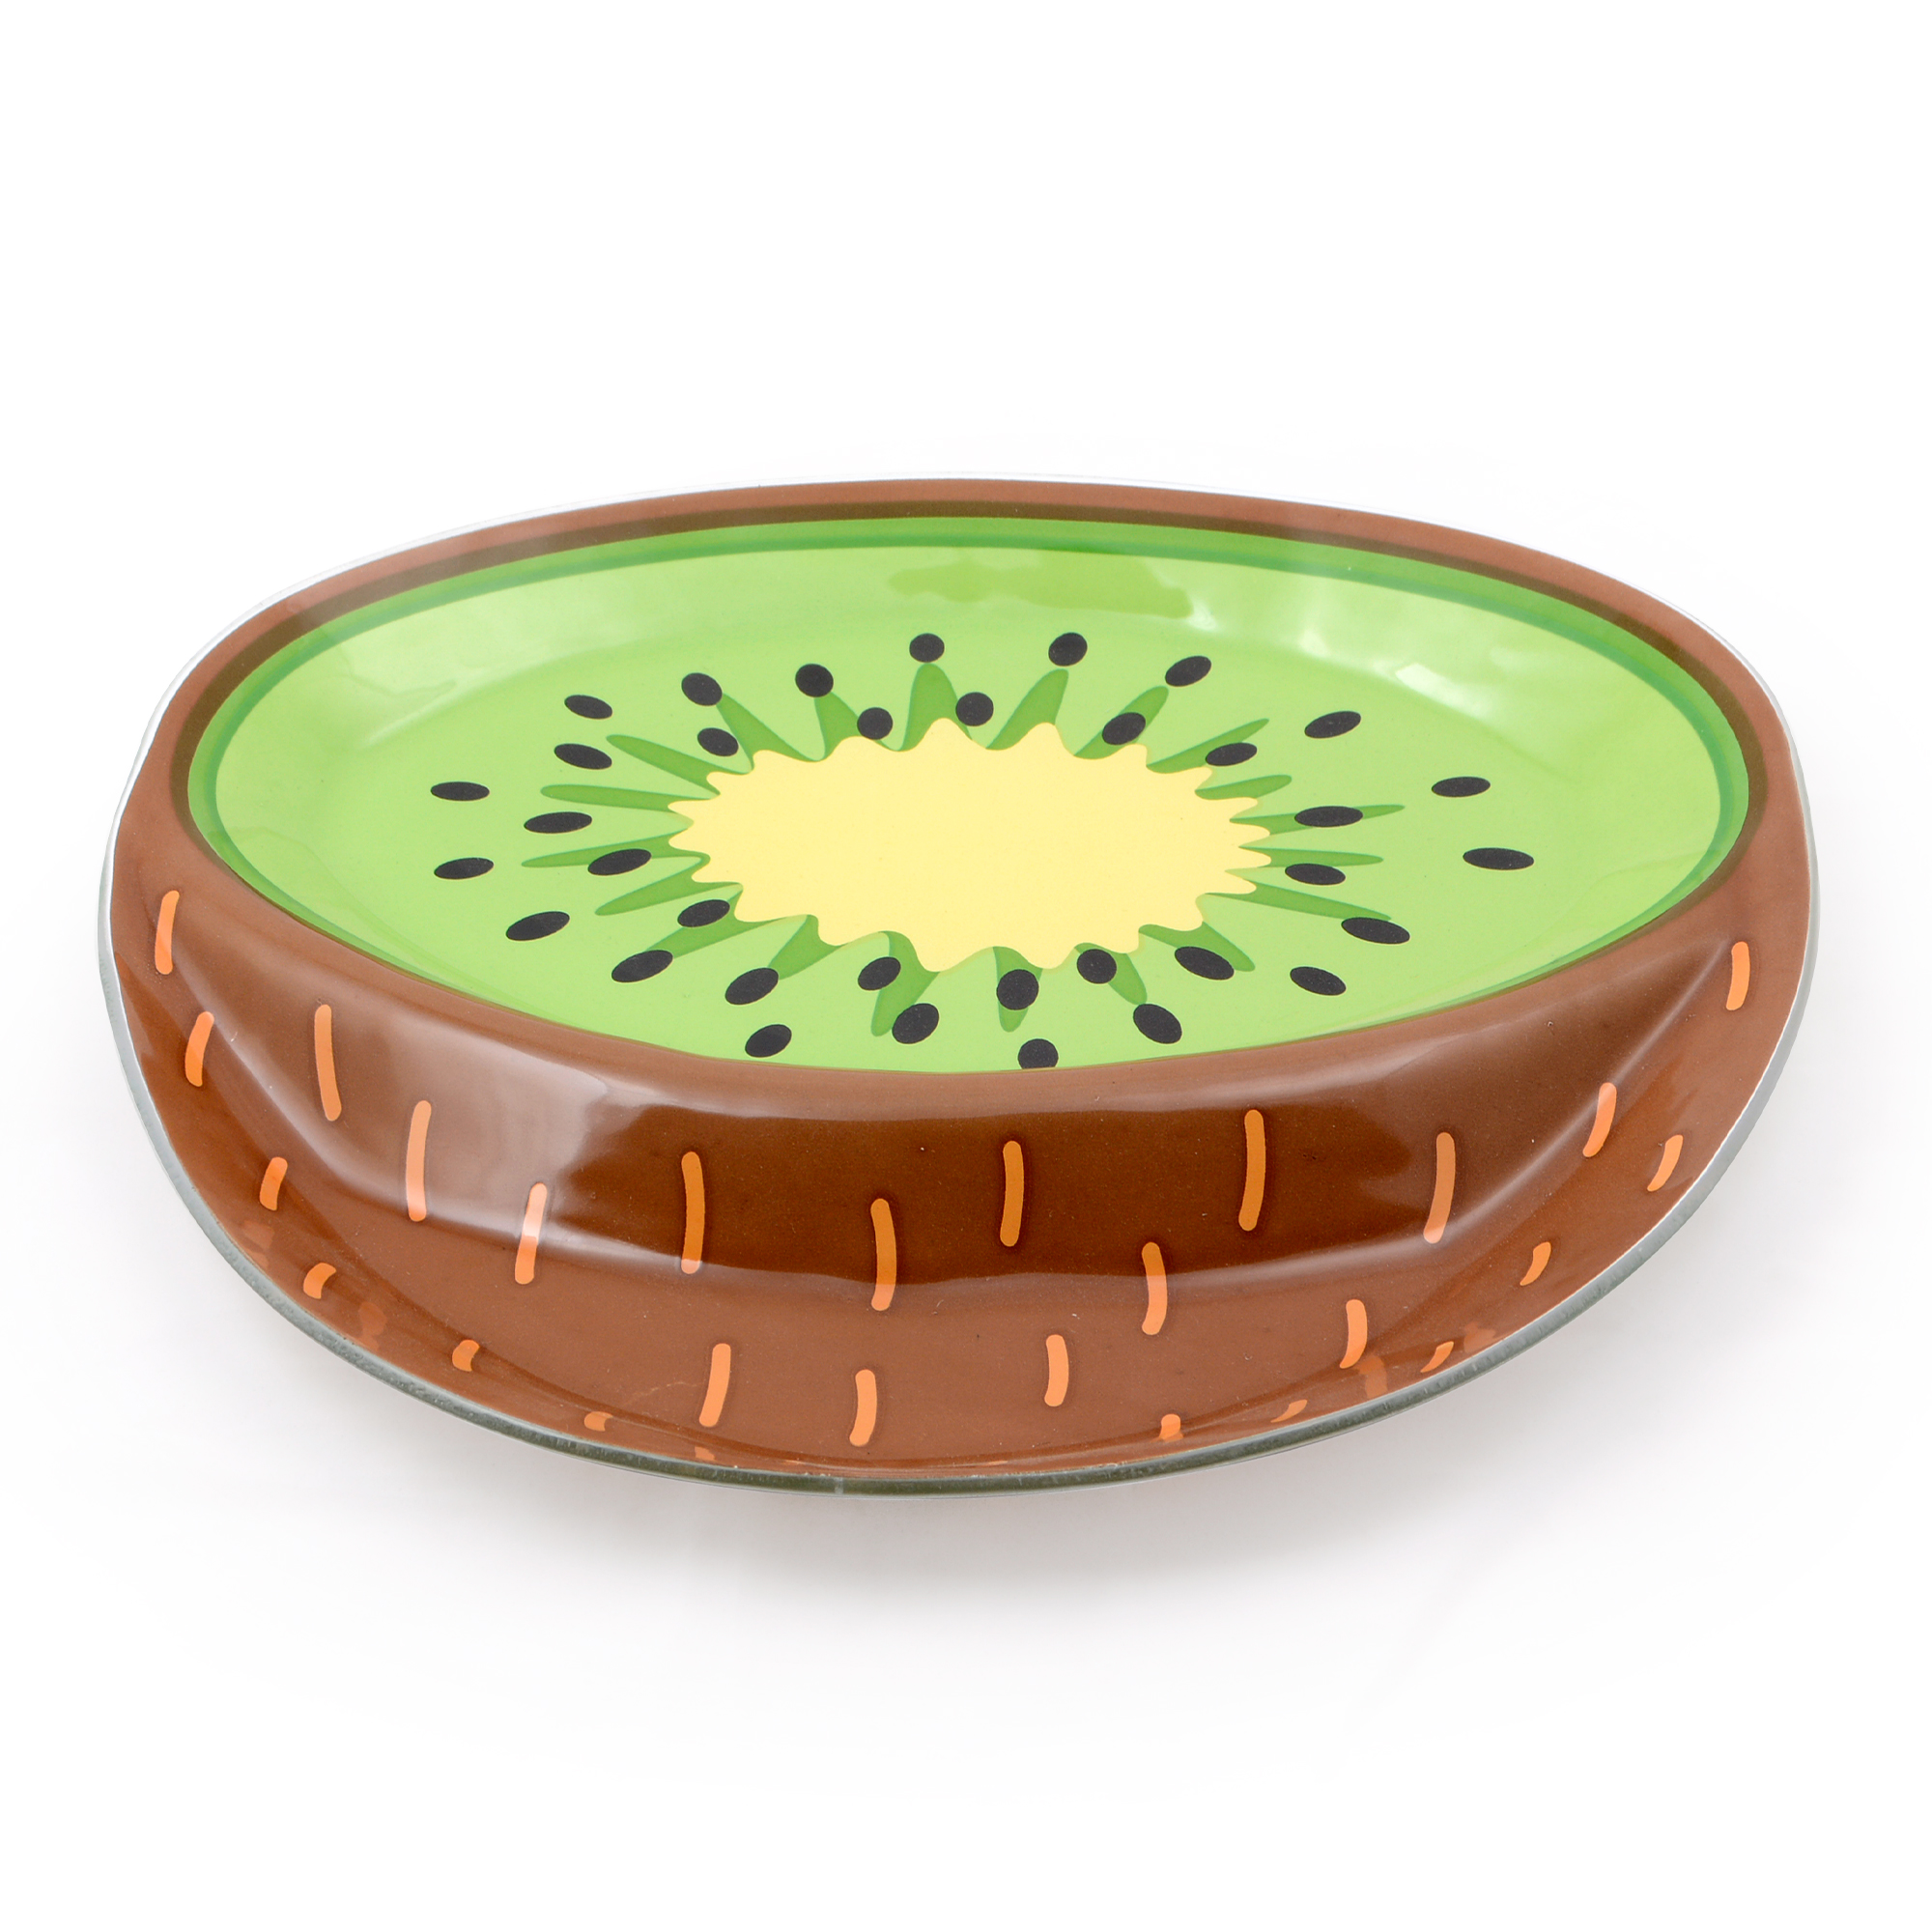 Petisqueira Kiwi